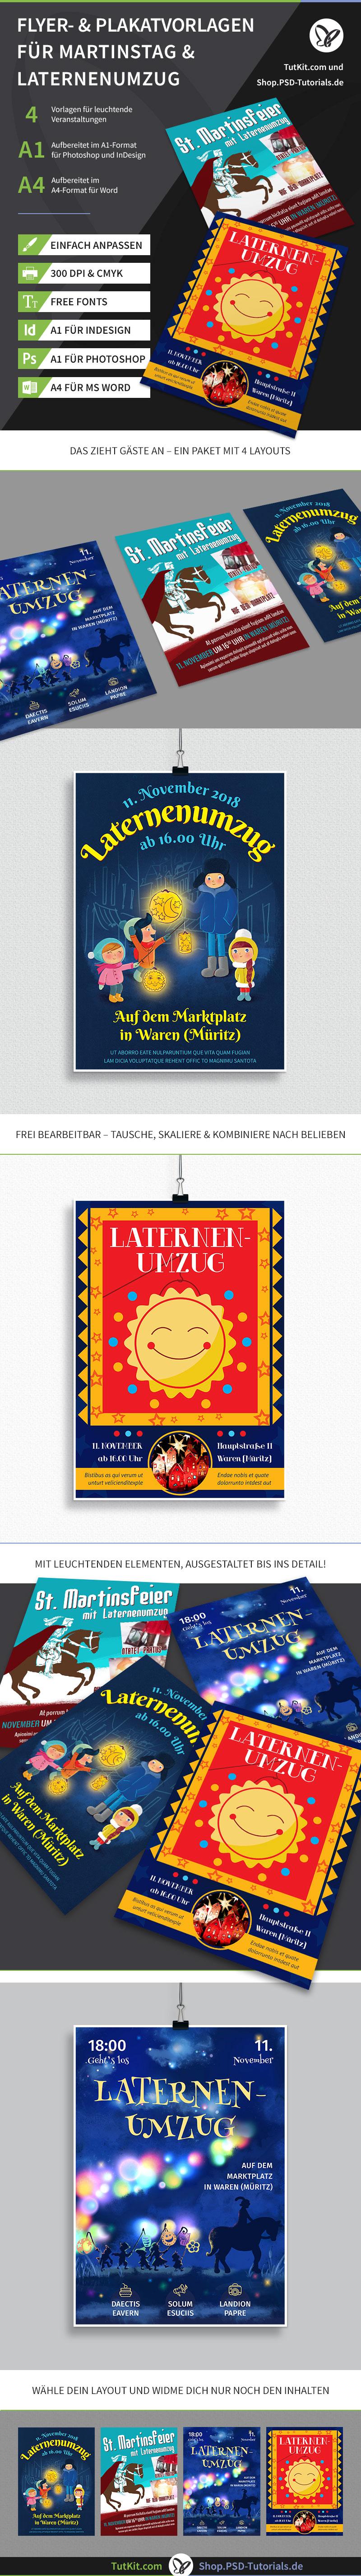 Überblick über die Plakat- und Flyer-Vorlagen zum Thema Martinstag und Laternenumzug